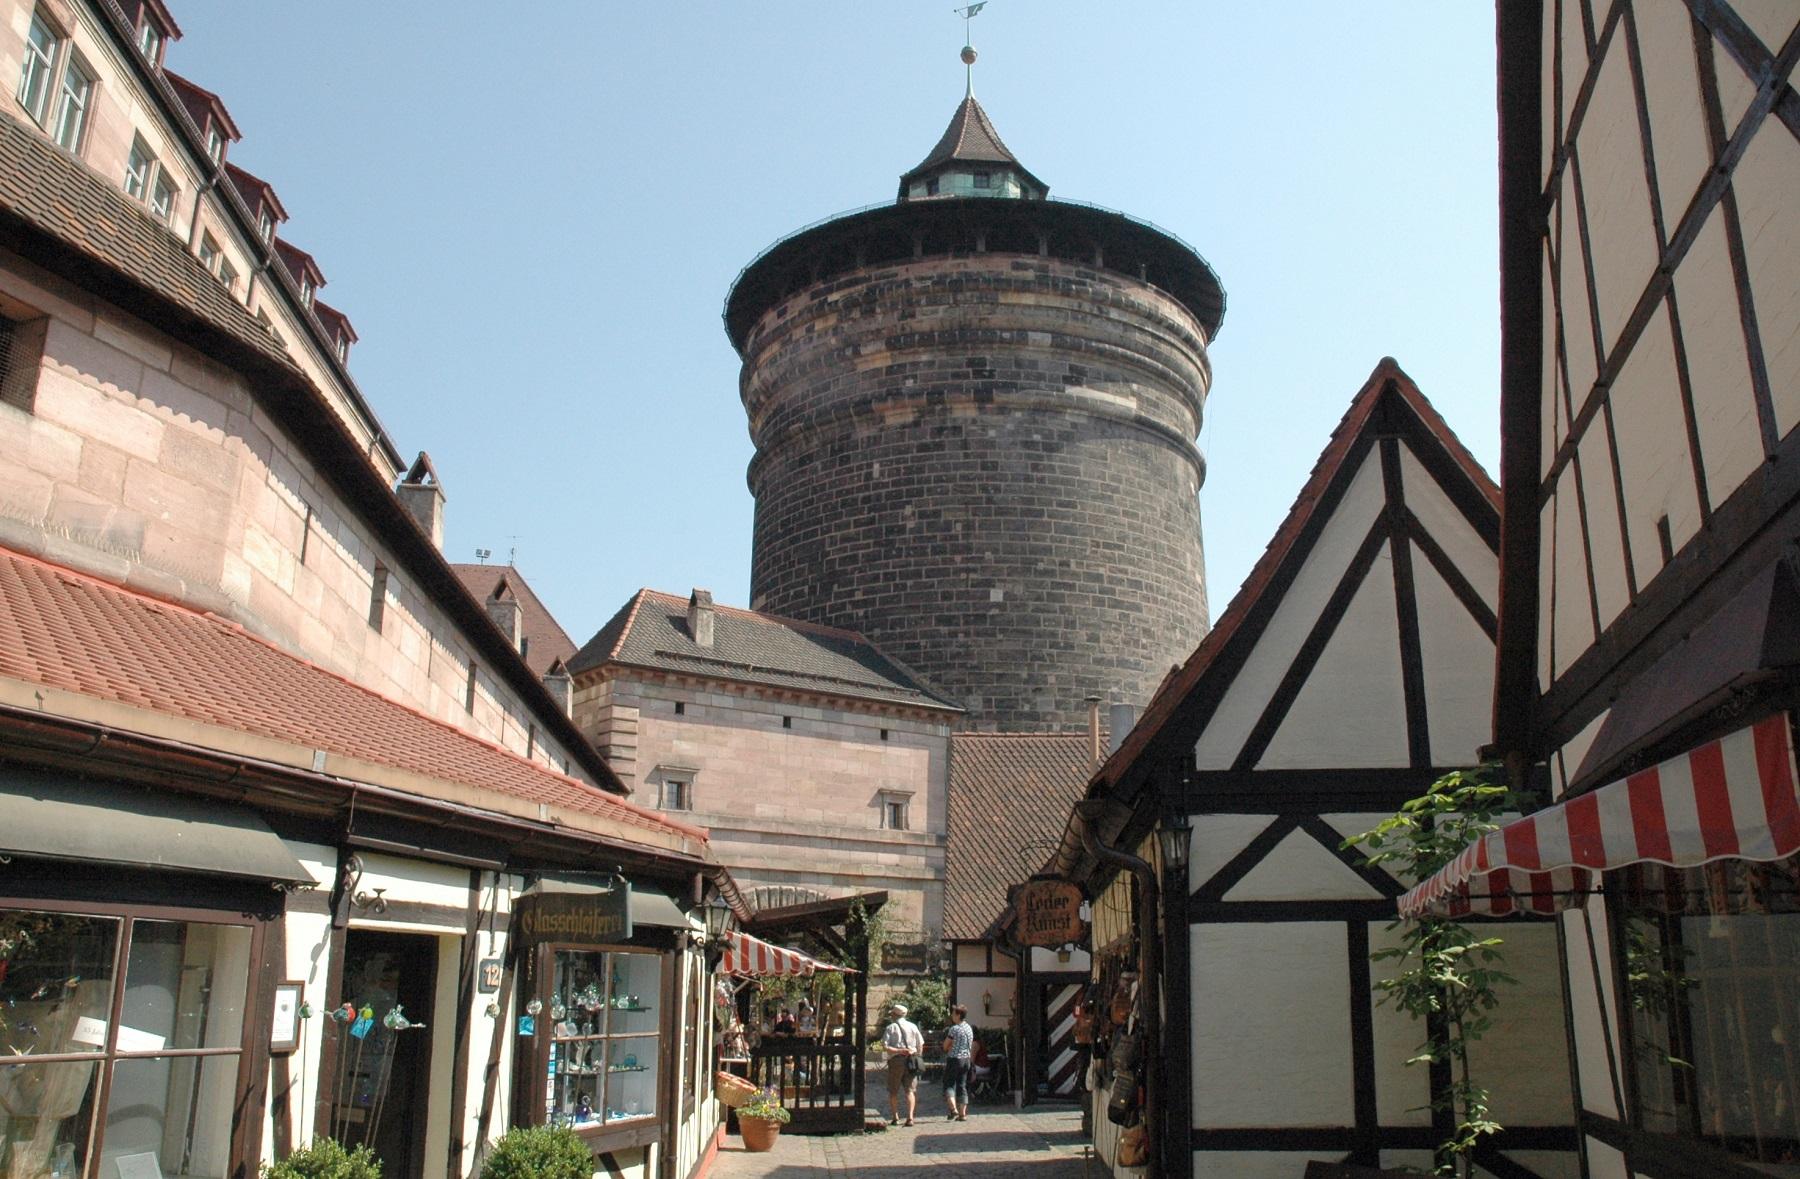 Königstor, Nürnberg